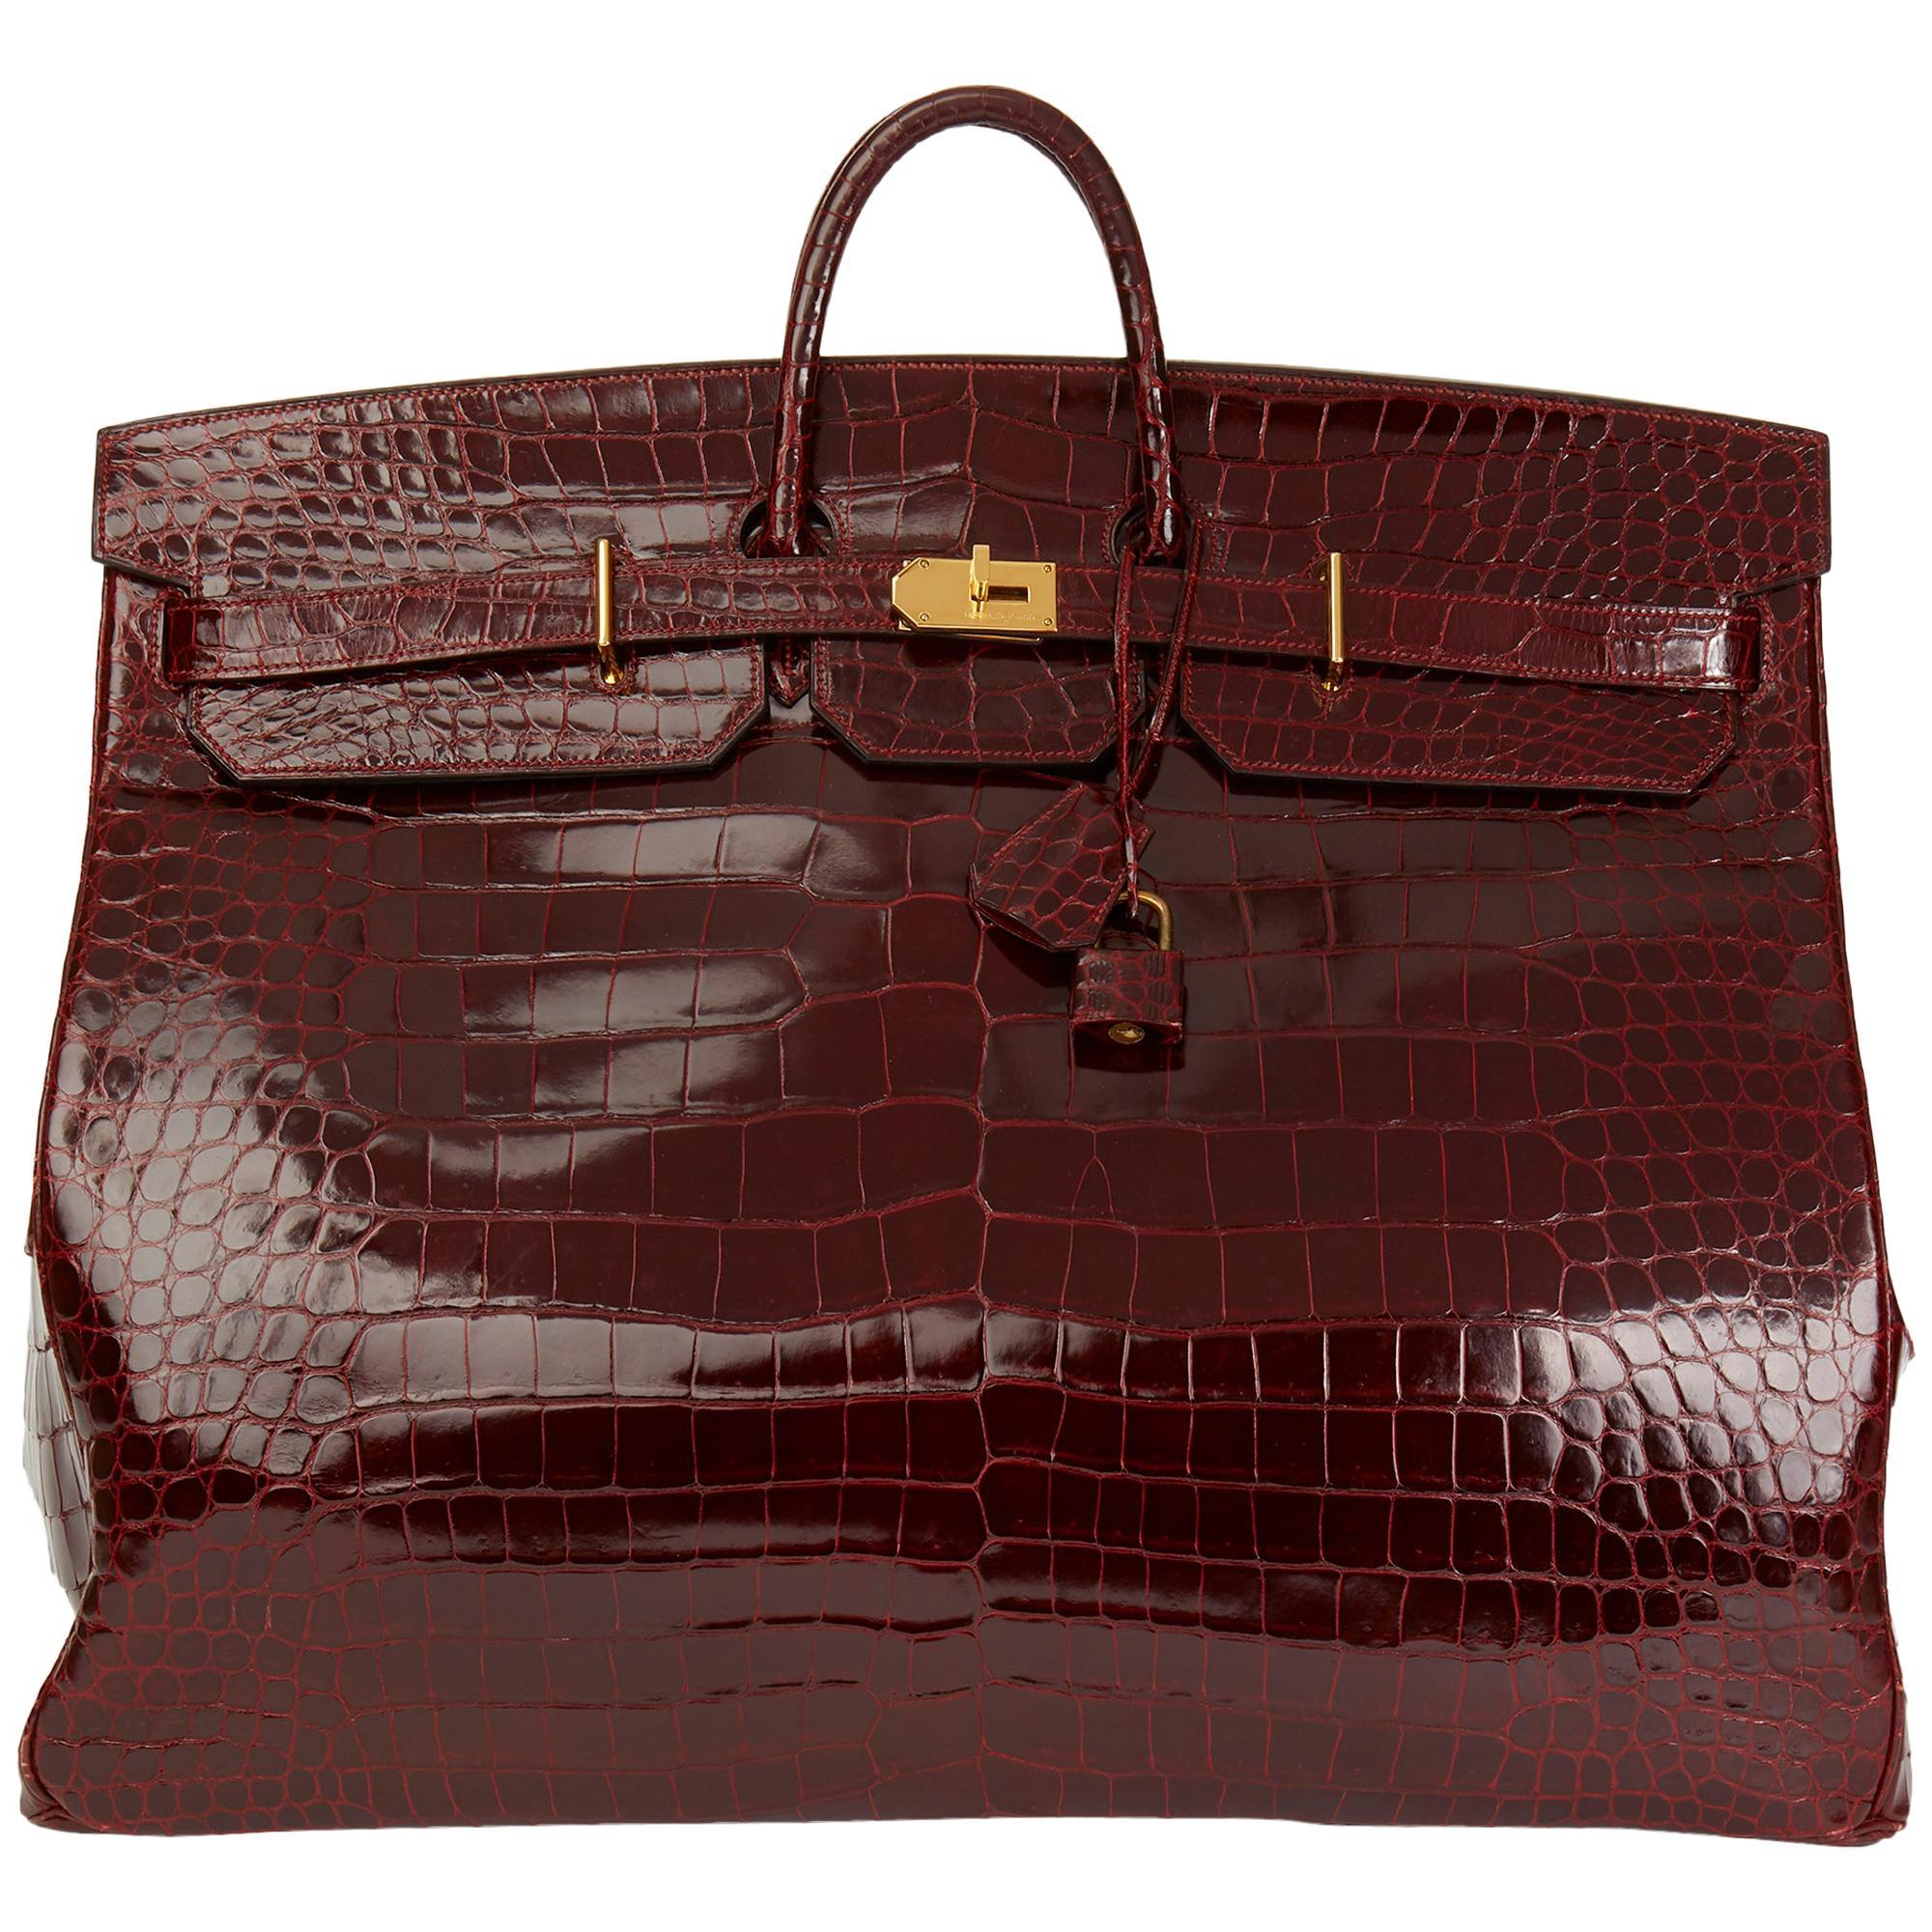 Travel Sale Hermès 1stdibs And Vintage For Luggage At 57 Bags 8n0OXwkP